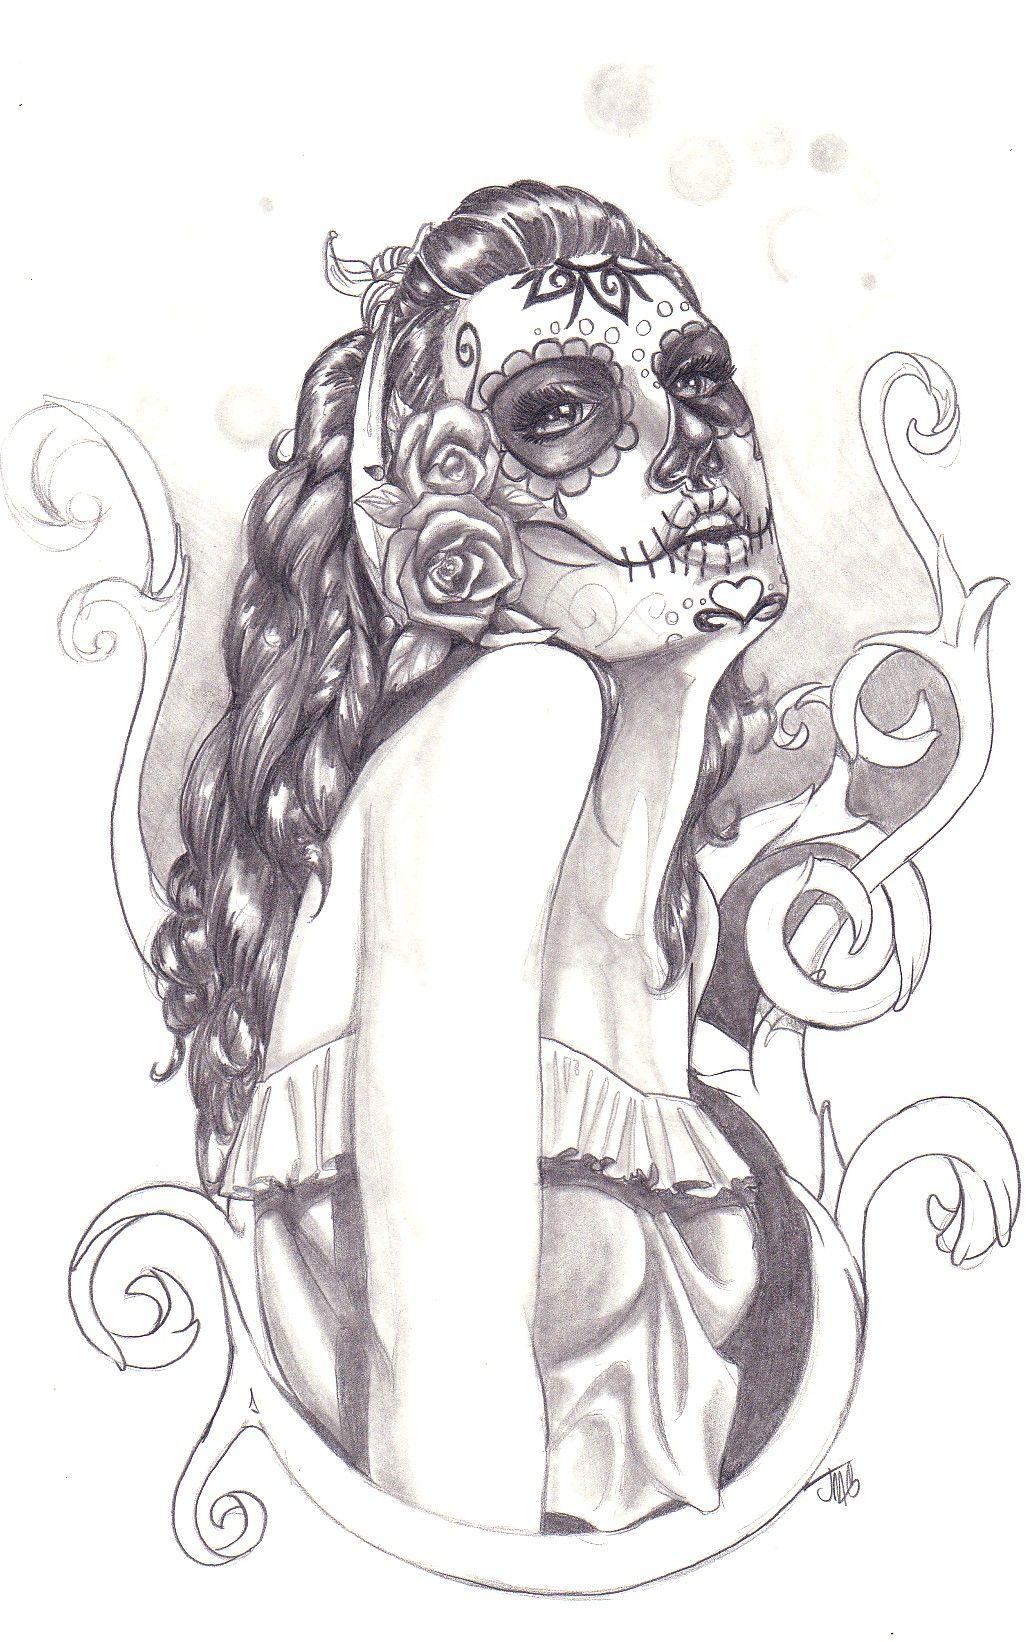 Sugar Skull Sketch Jpg 1 030 1 642 Pixels Tatoo Desenhos Para